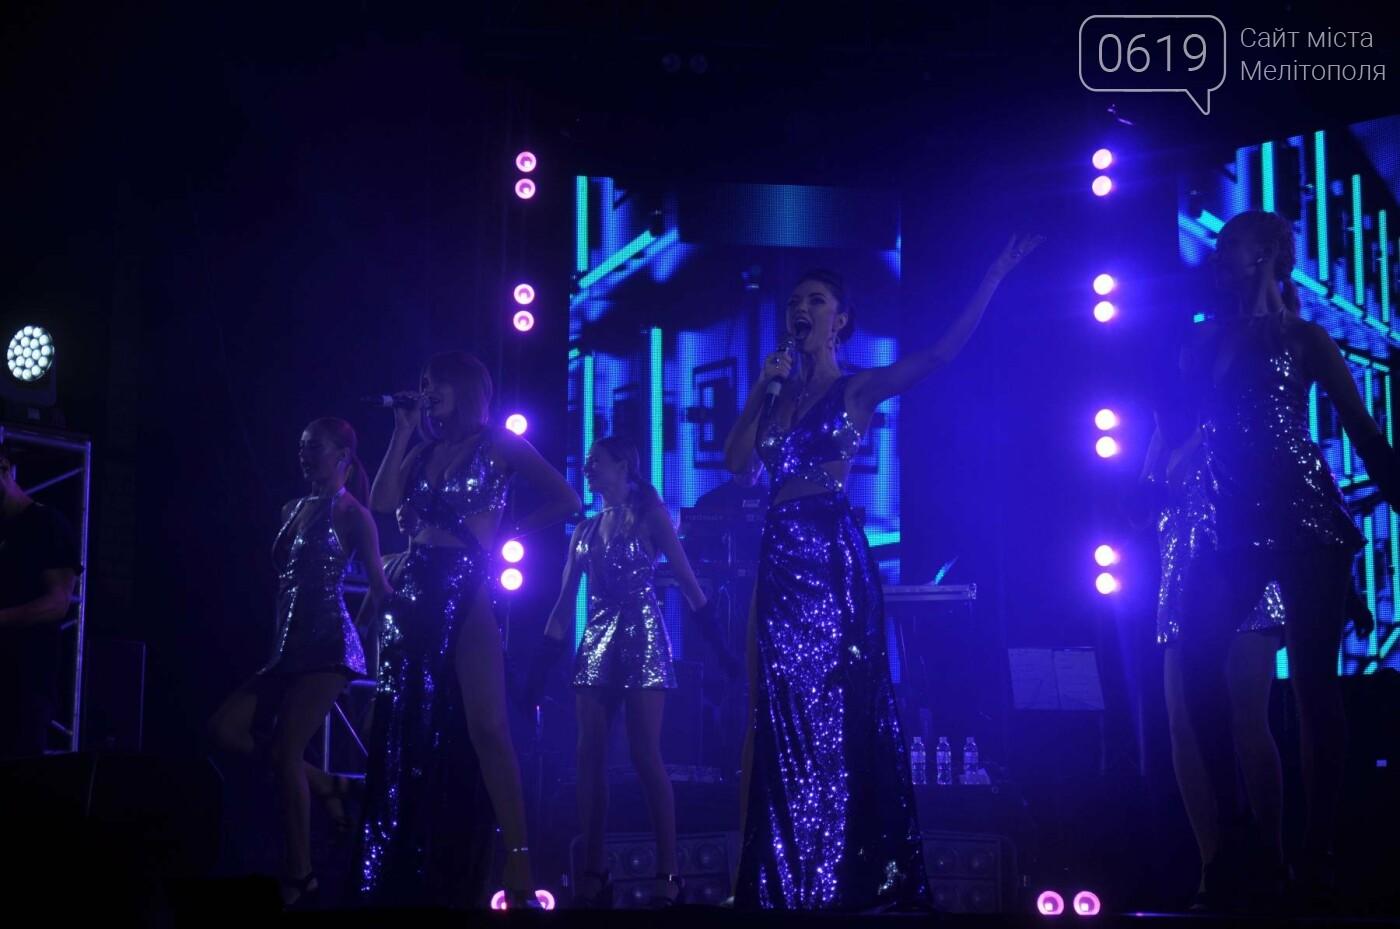 """В Мелитополе состоялся концерт группы """"НеАнгелы"""". Фоторепортаж , фото-1, Фото сайта 0619"""